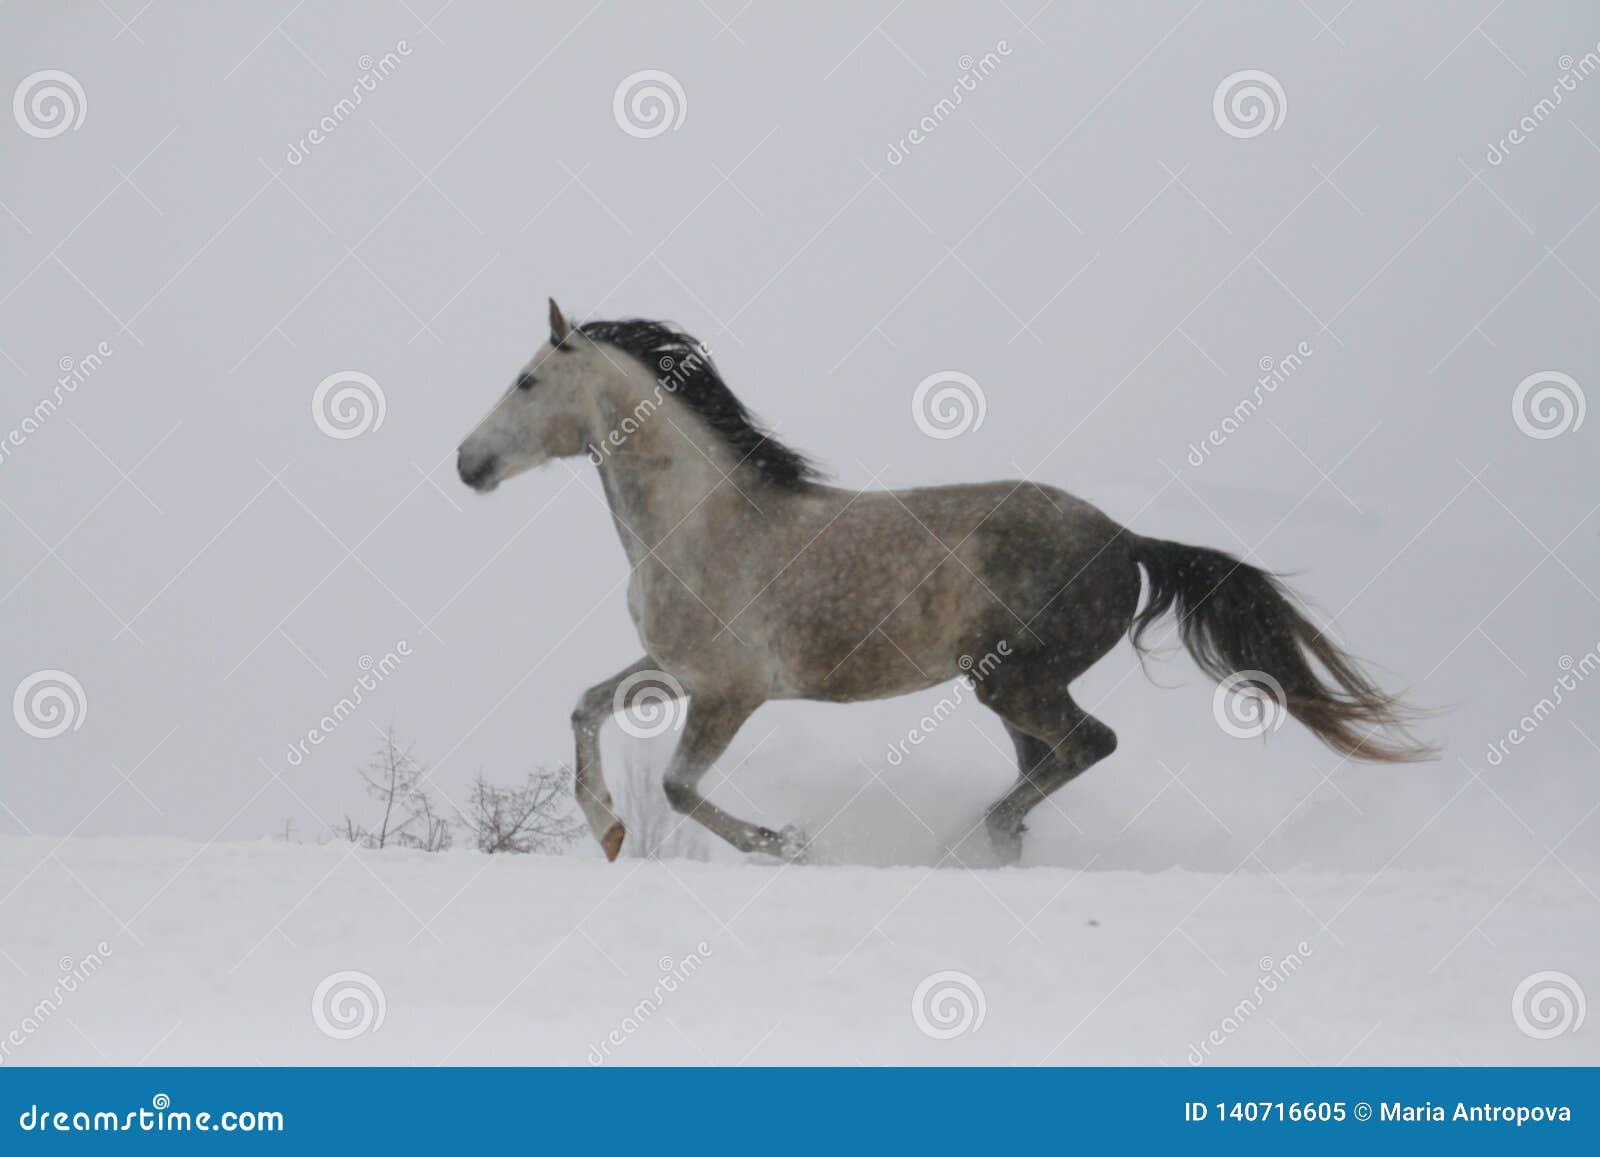 Серый жеребец скача галопом на наклоне в снег Лошадь скачет галопом в глубоком снеге Снег летает от копыт